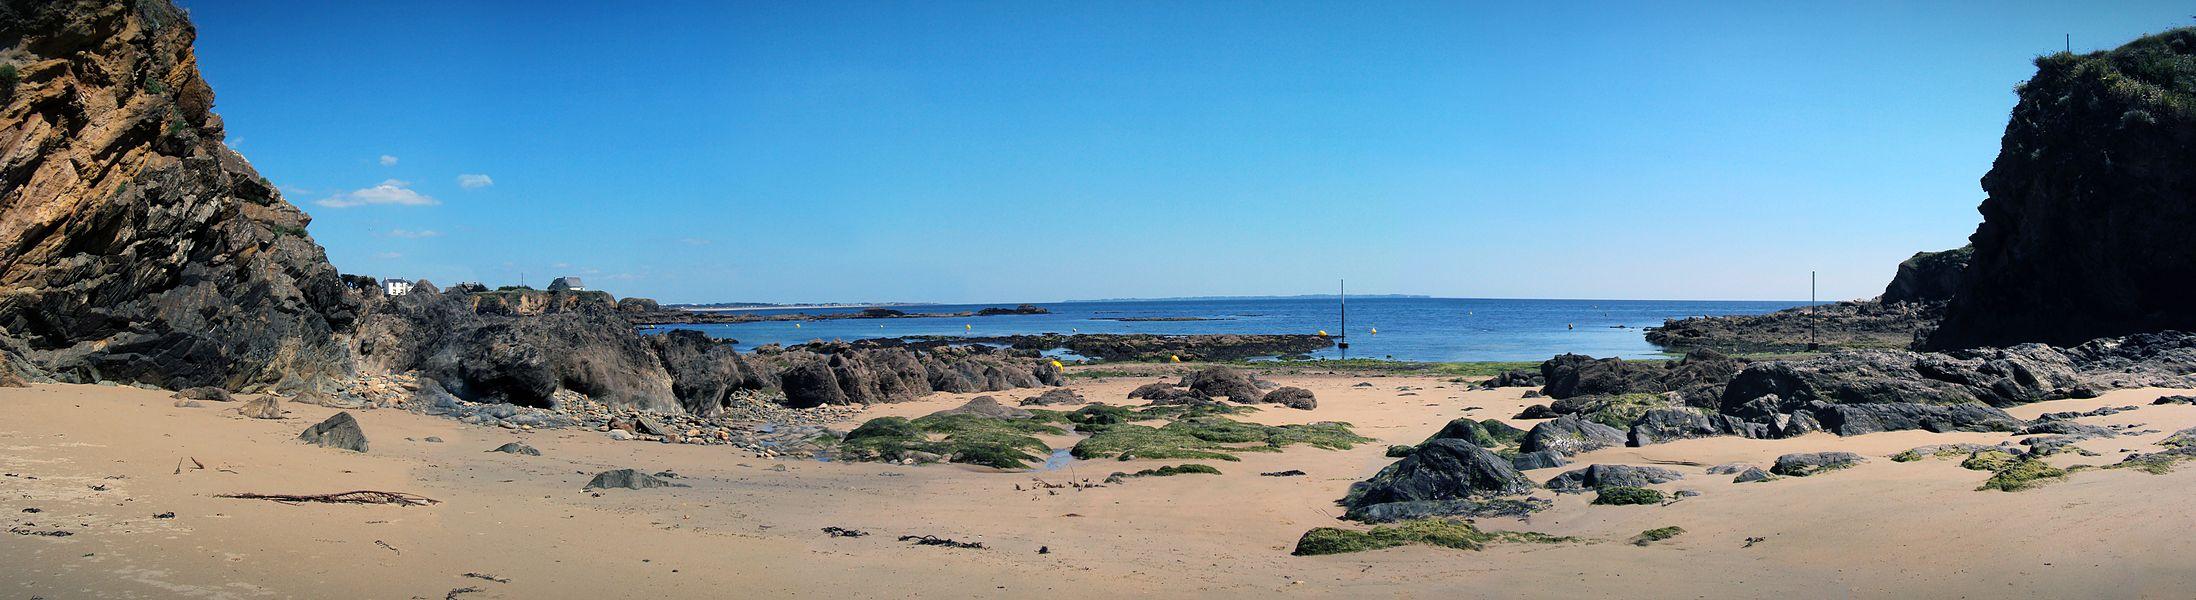 Vraiment très tranquille... L'île de Groix en vue...